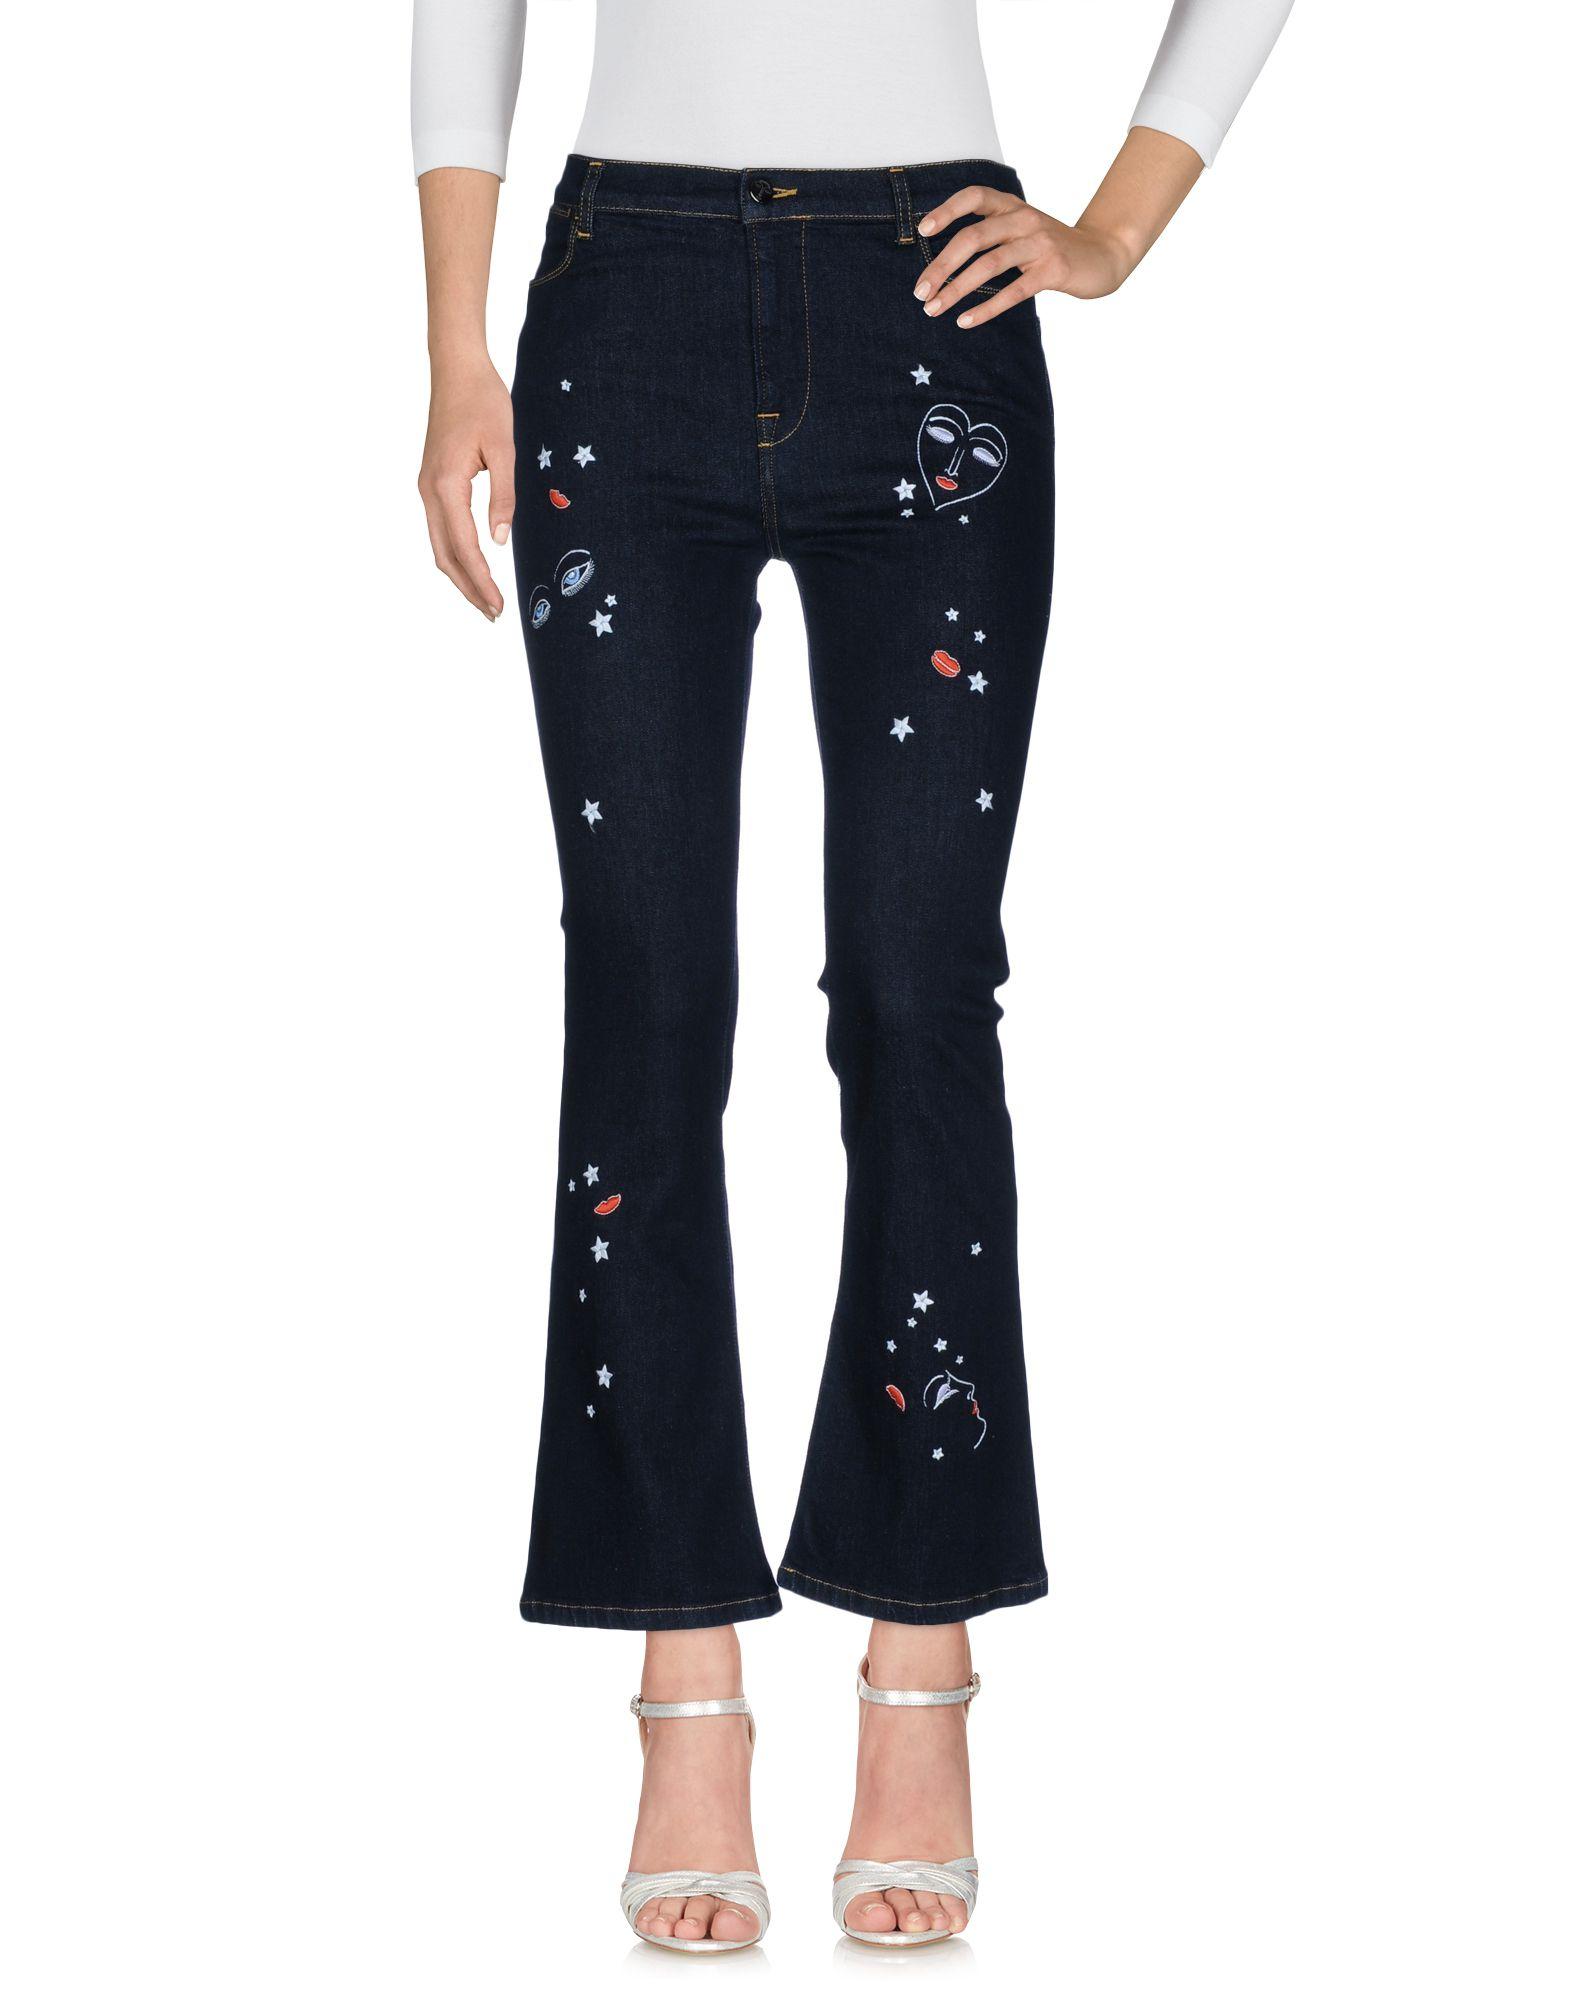 Pantaloni Jeans Vivetta Donna - Acquista online su mNzBv13